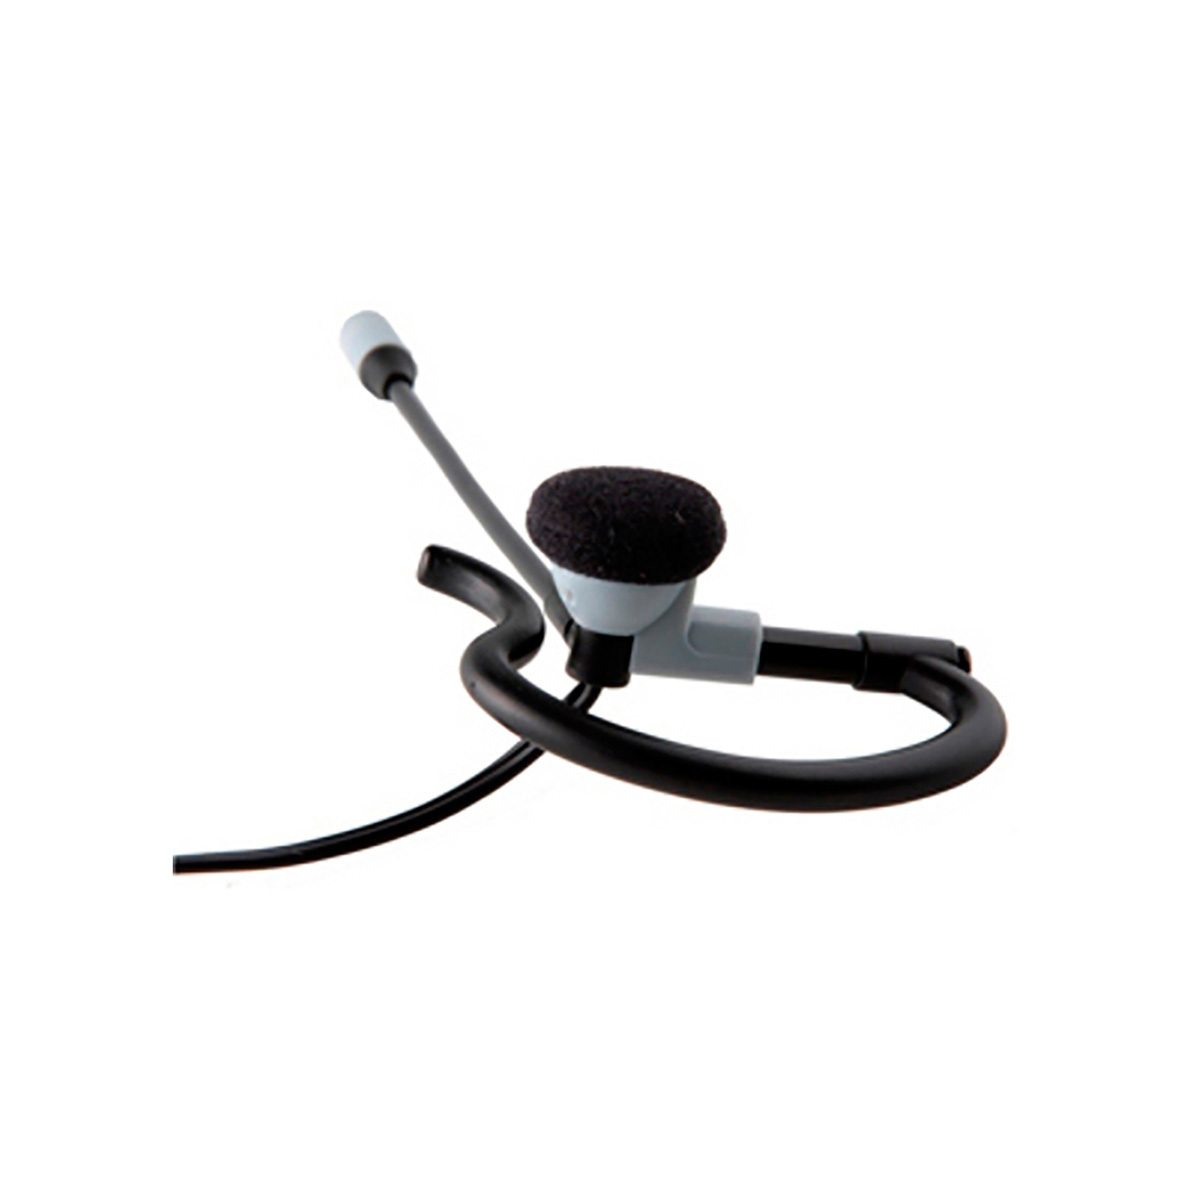 Fone de Ouvido com Microfone Intelbras HC 10